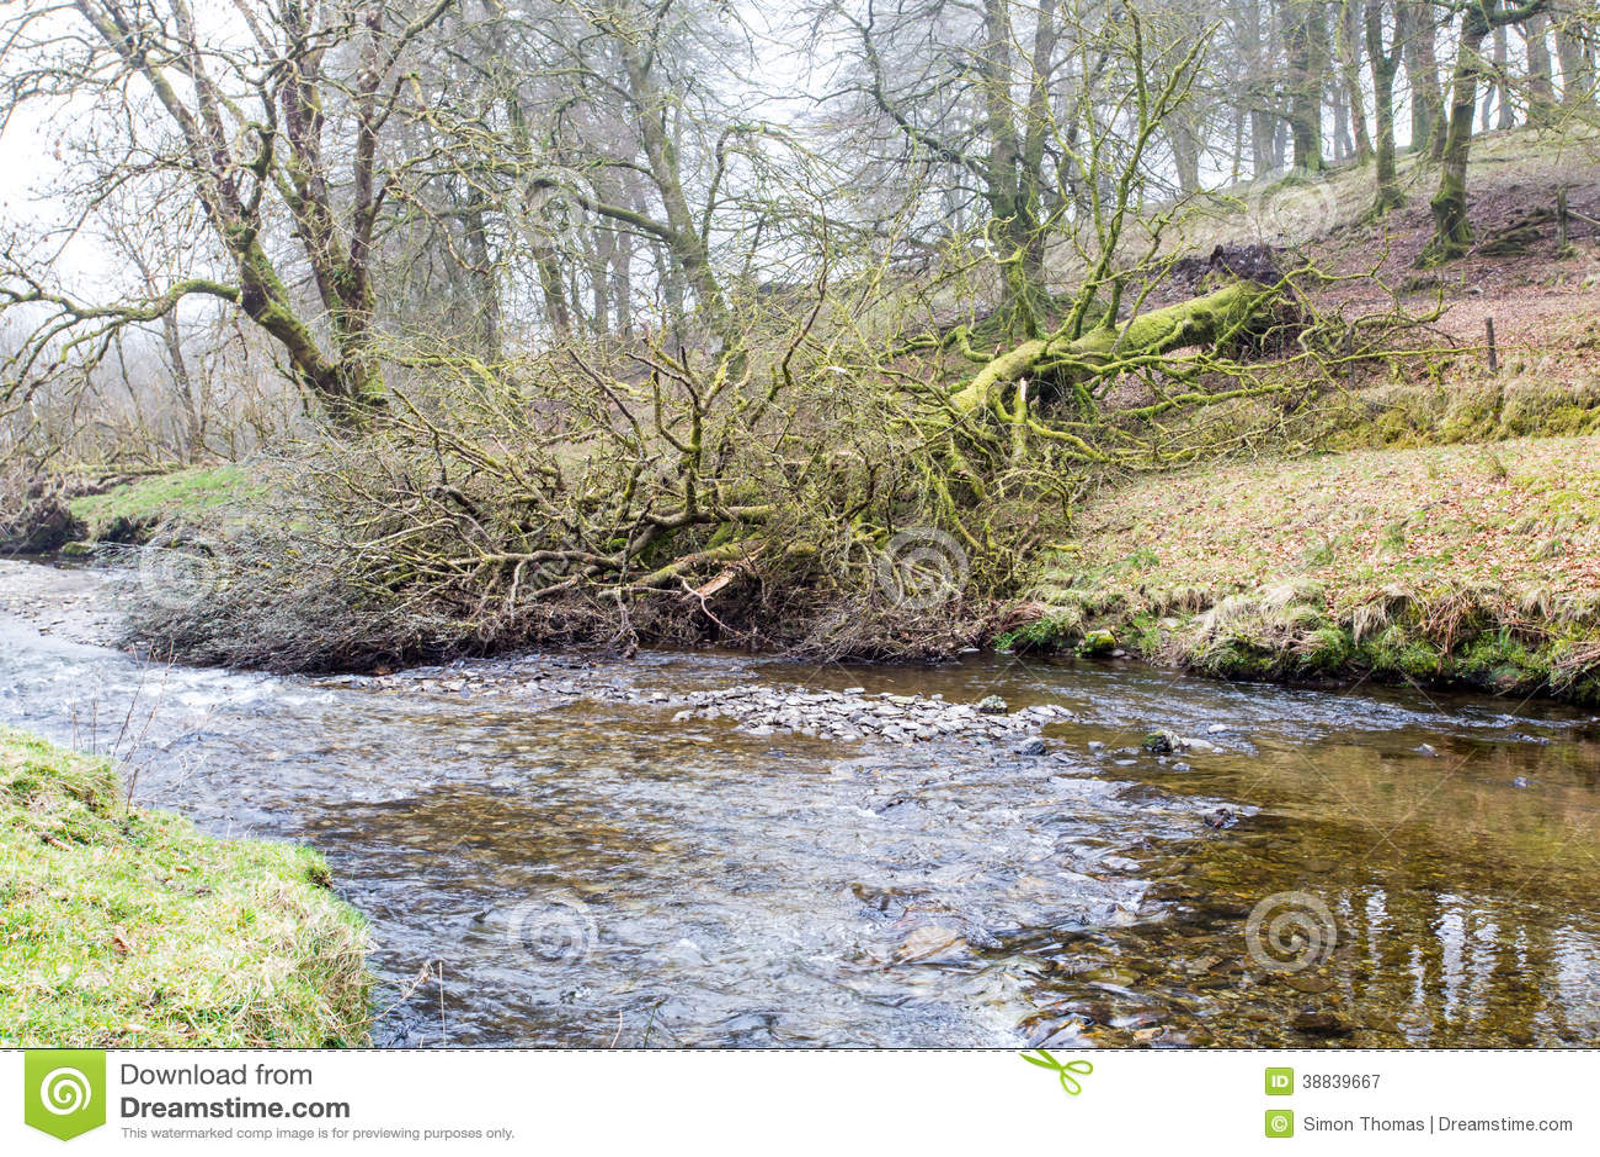 Download Fallen Tree stock image. Image of mist, water, tree, fallen - 38839667